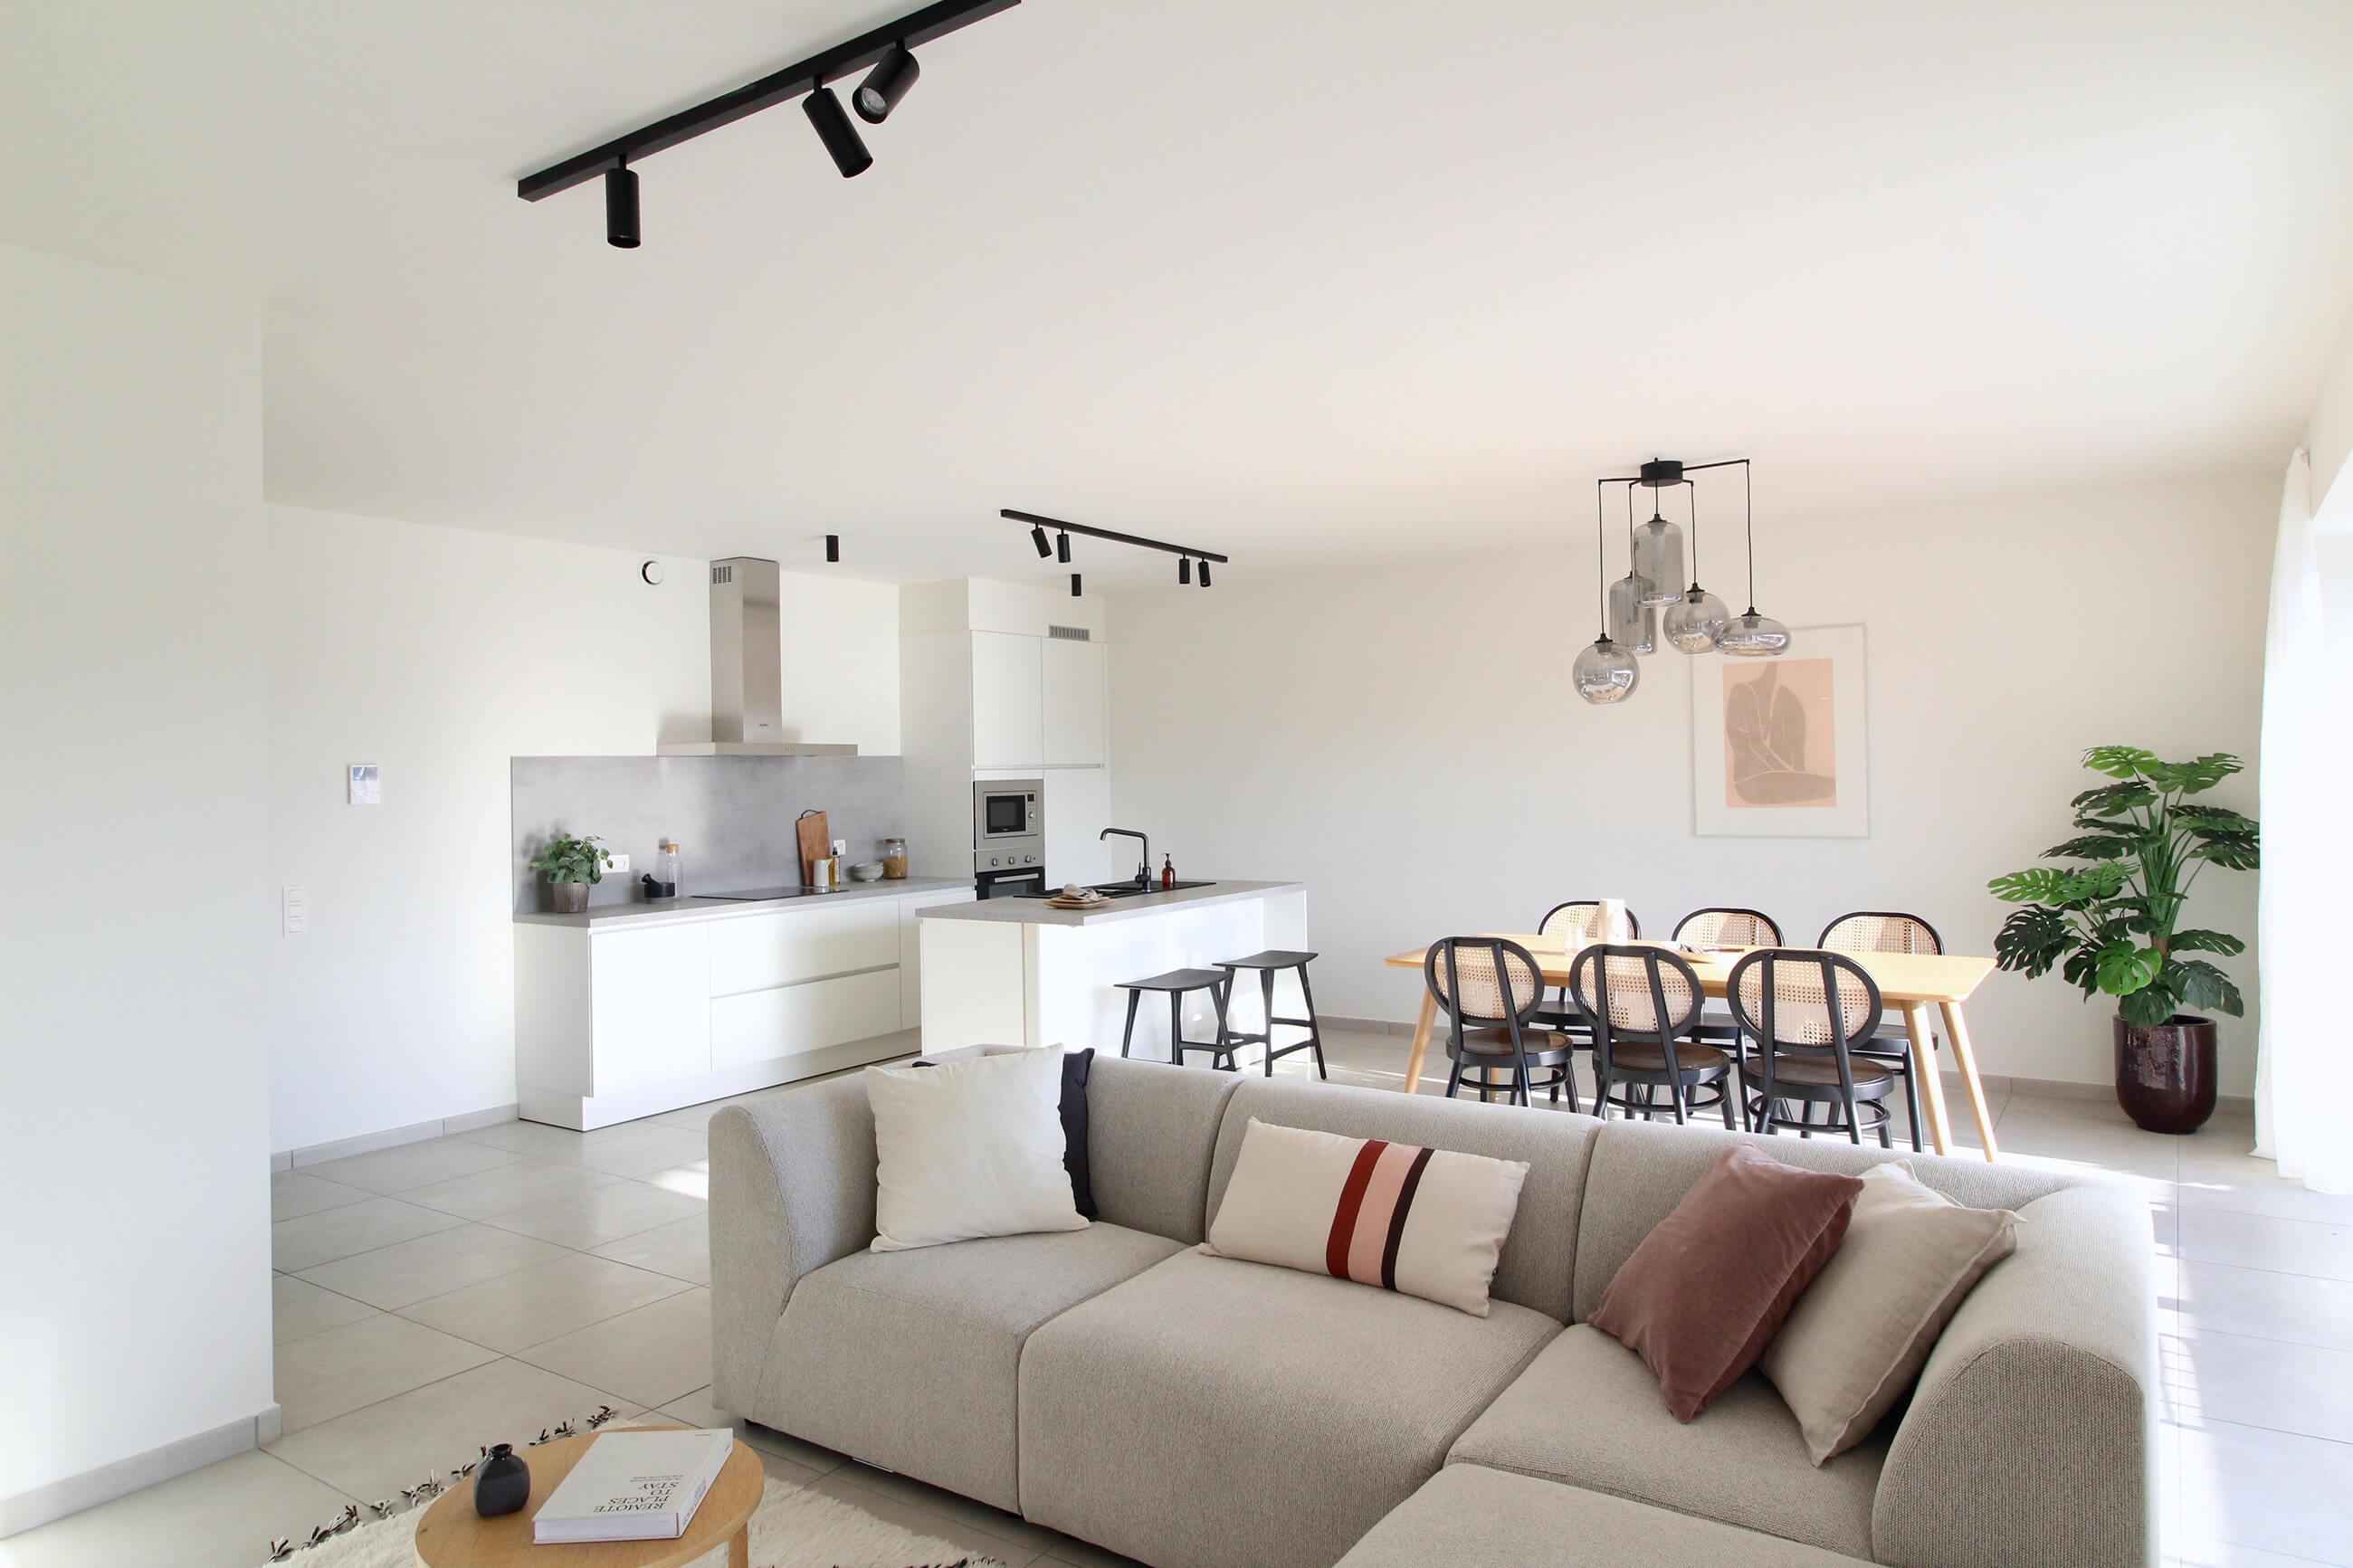 Toekomstbeeld van de ruime keuken, living en eetruimte in een appartement van De Smedenpoort.